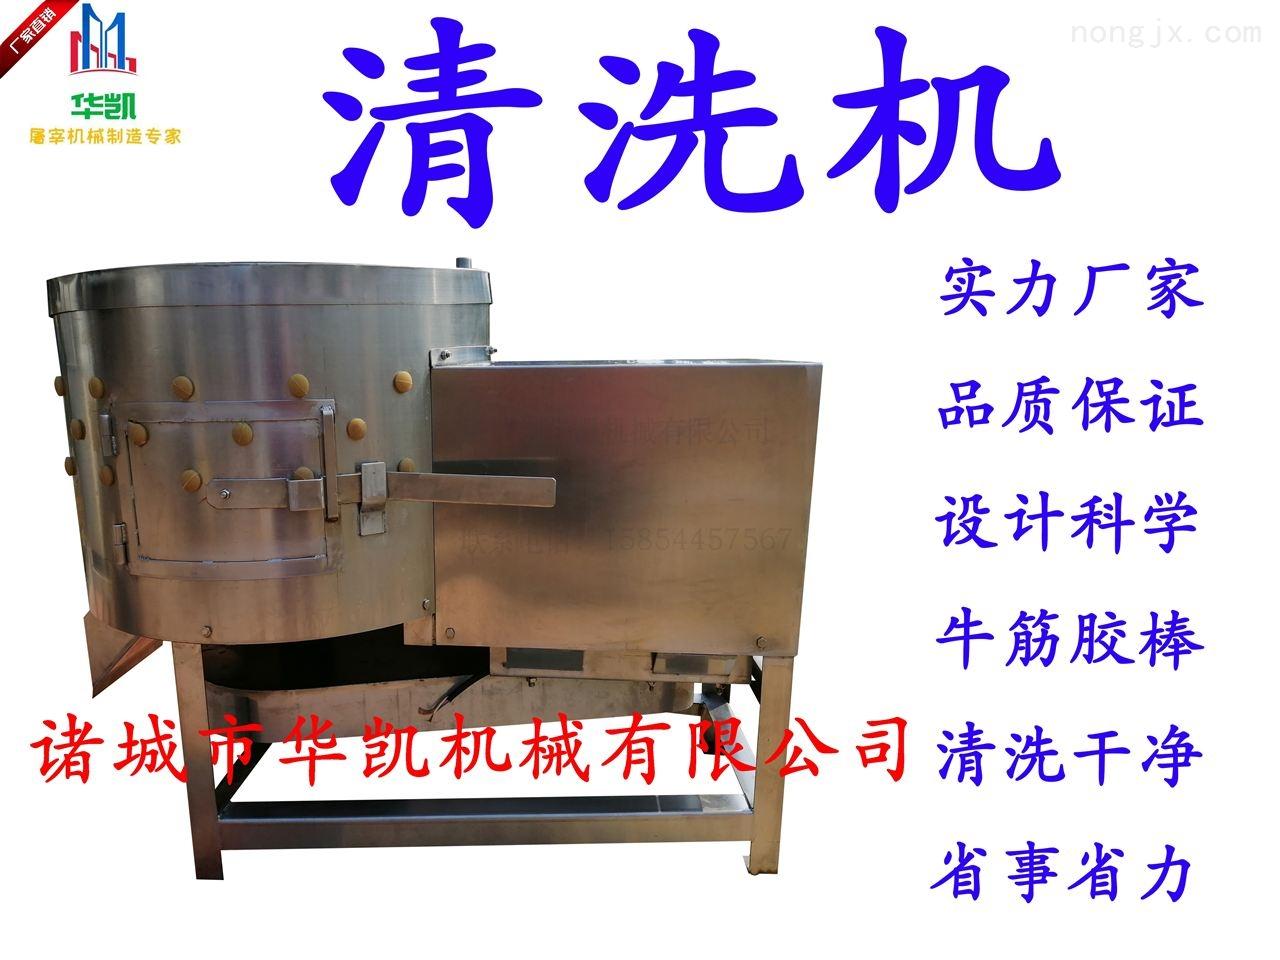 HK-QX60-猪肚清洗机 牛肚打毛清洗设备